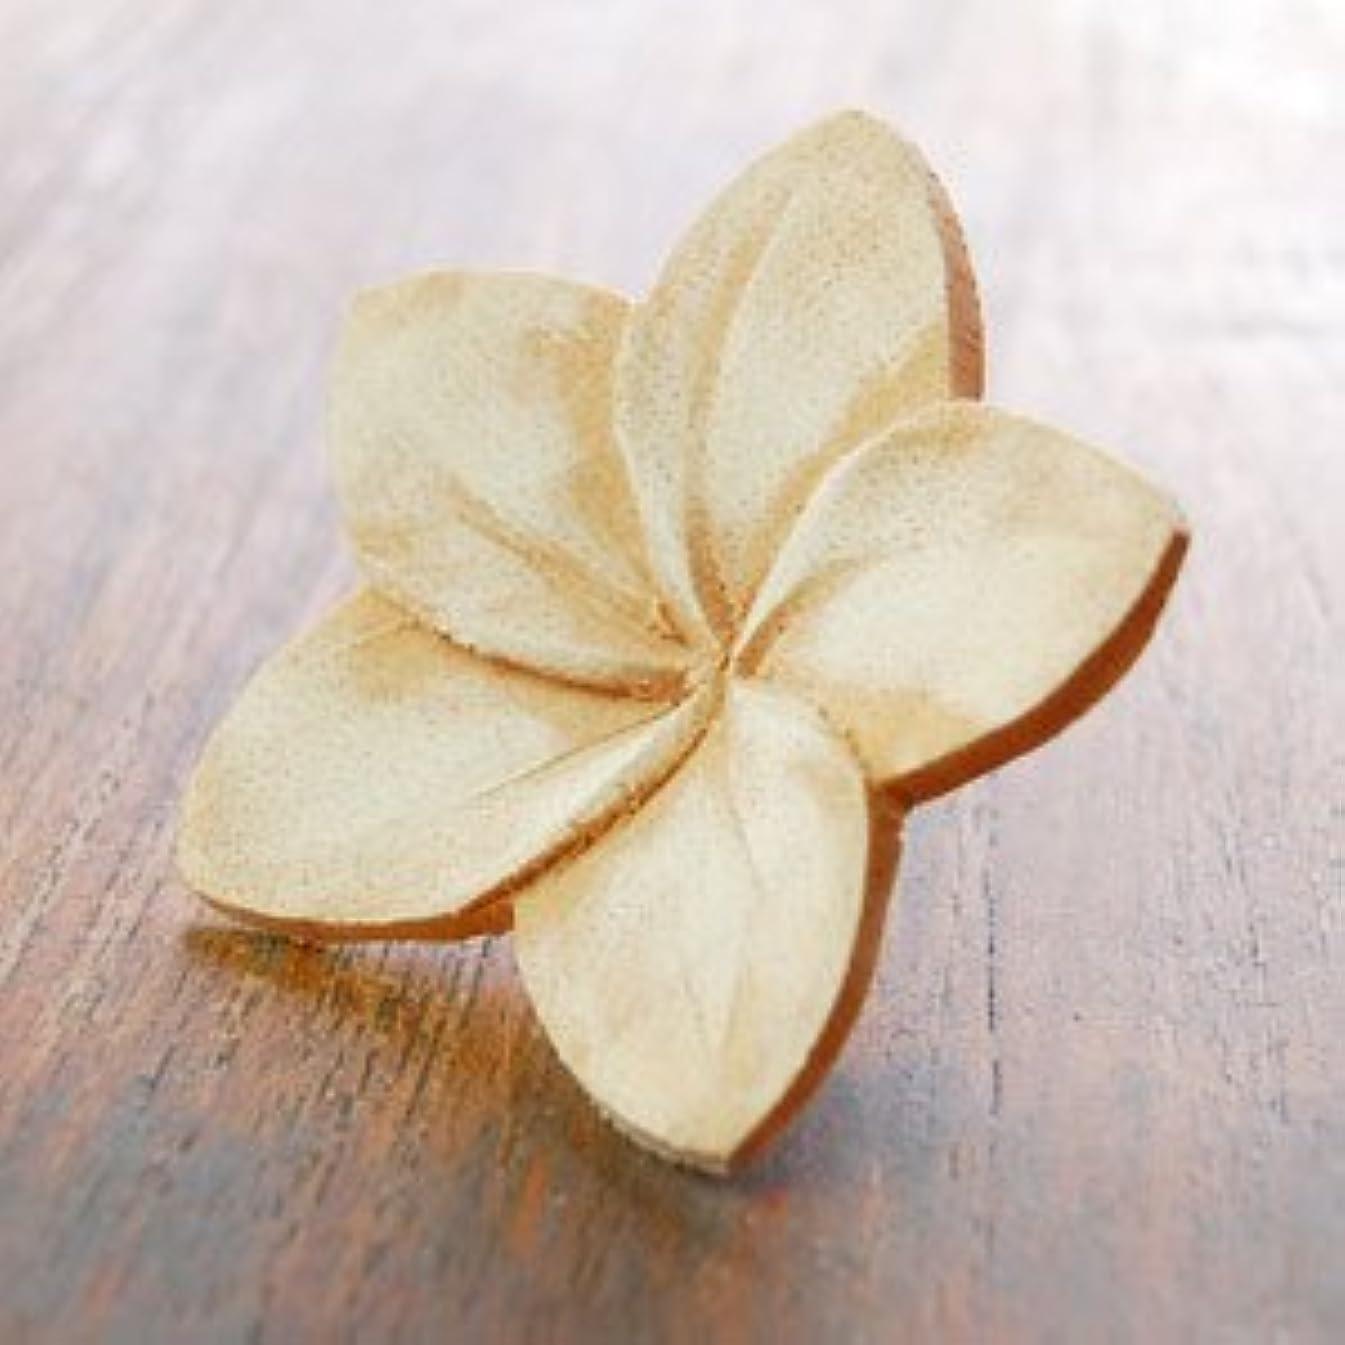 テセウス列車正しく【アジア工房】プルメリアの花びらをモチーフにした木製アロマフラワー[Bタイプ][10892] [並行輸入品]